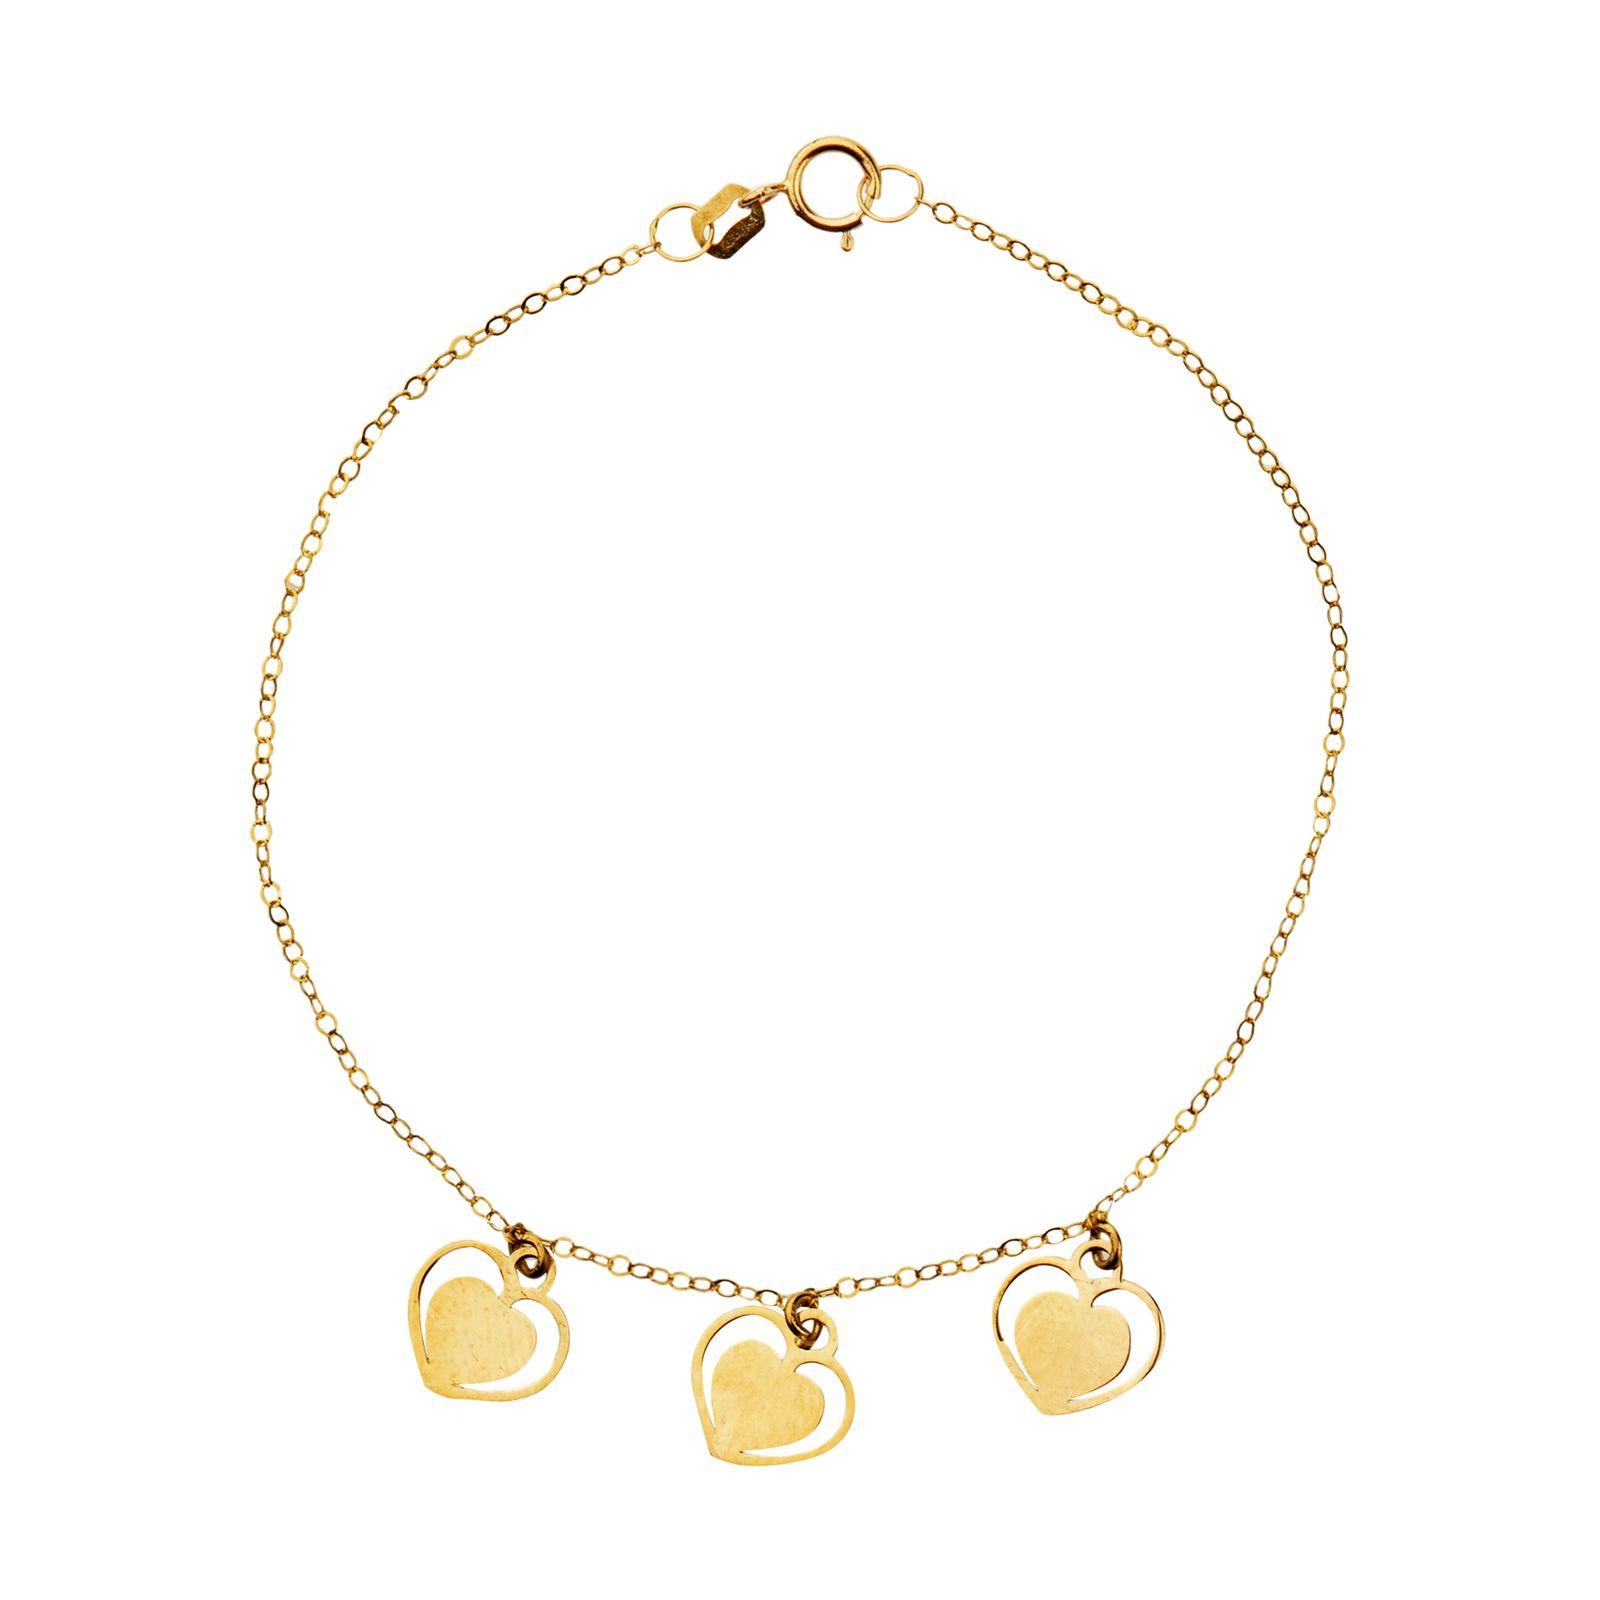 دستبند طلا 18 عیار زنانه میو گلد مدل GD605 -  - 2